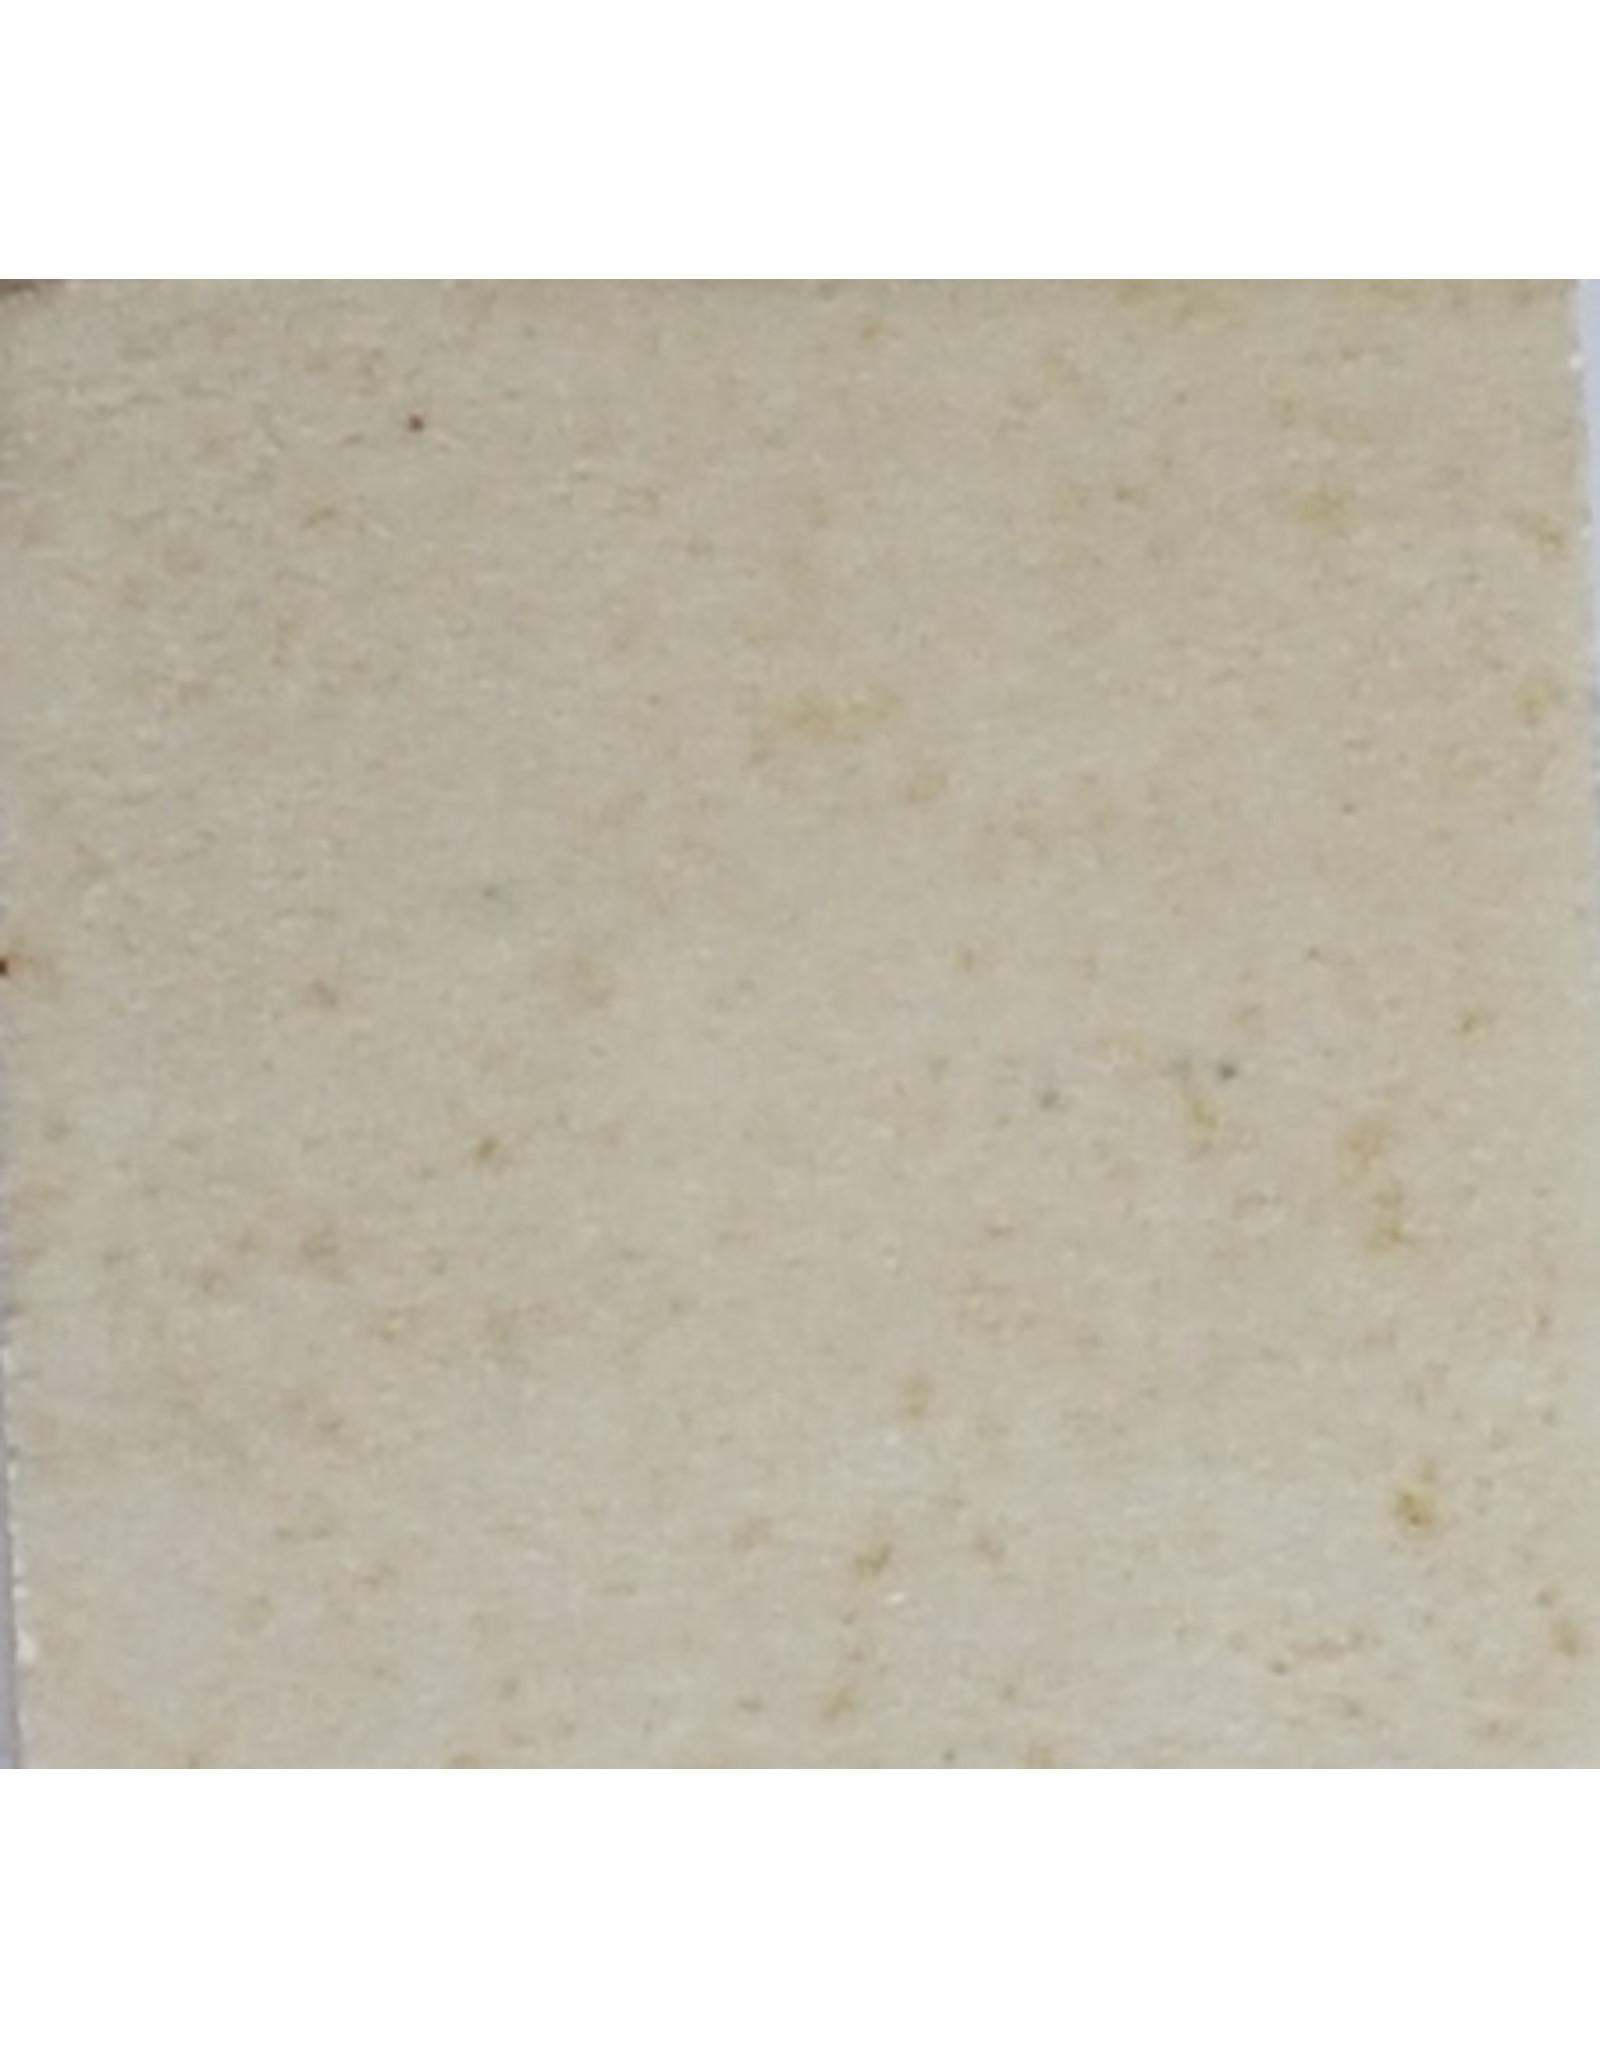 Potterycrafts Brush-on Stoneware Glaze - Oatmeal Speckle 500ml